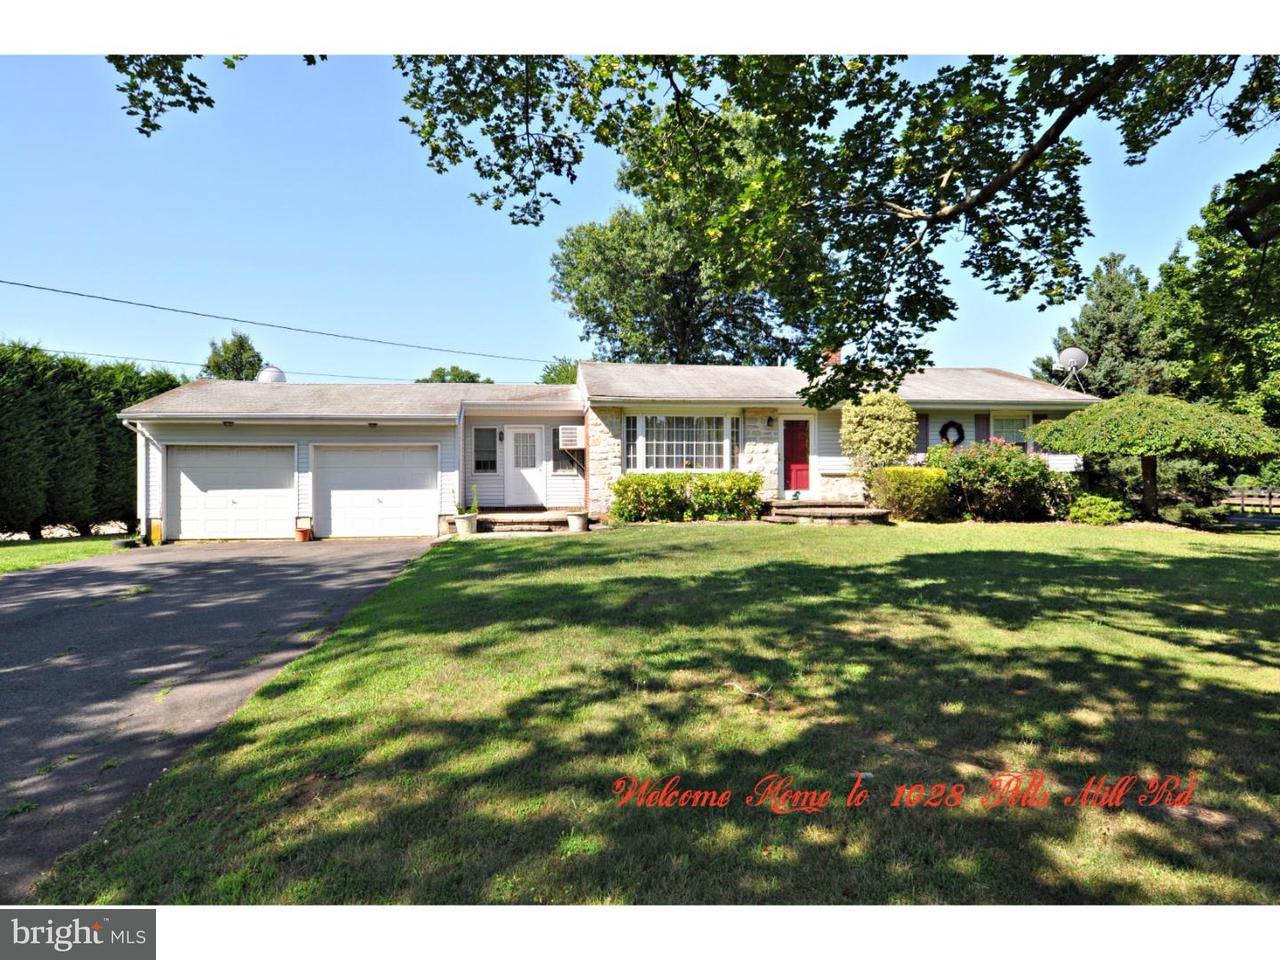 独户住宅 为 销售 在 1028 POTTS MILL Road 波登镇, 新泽西州 08505 美国